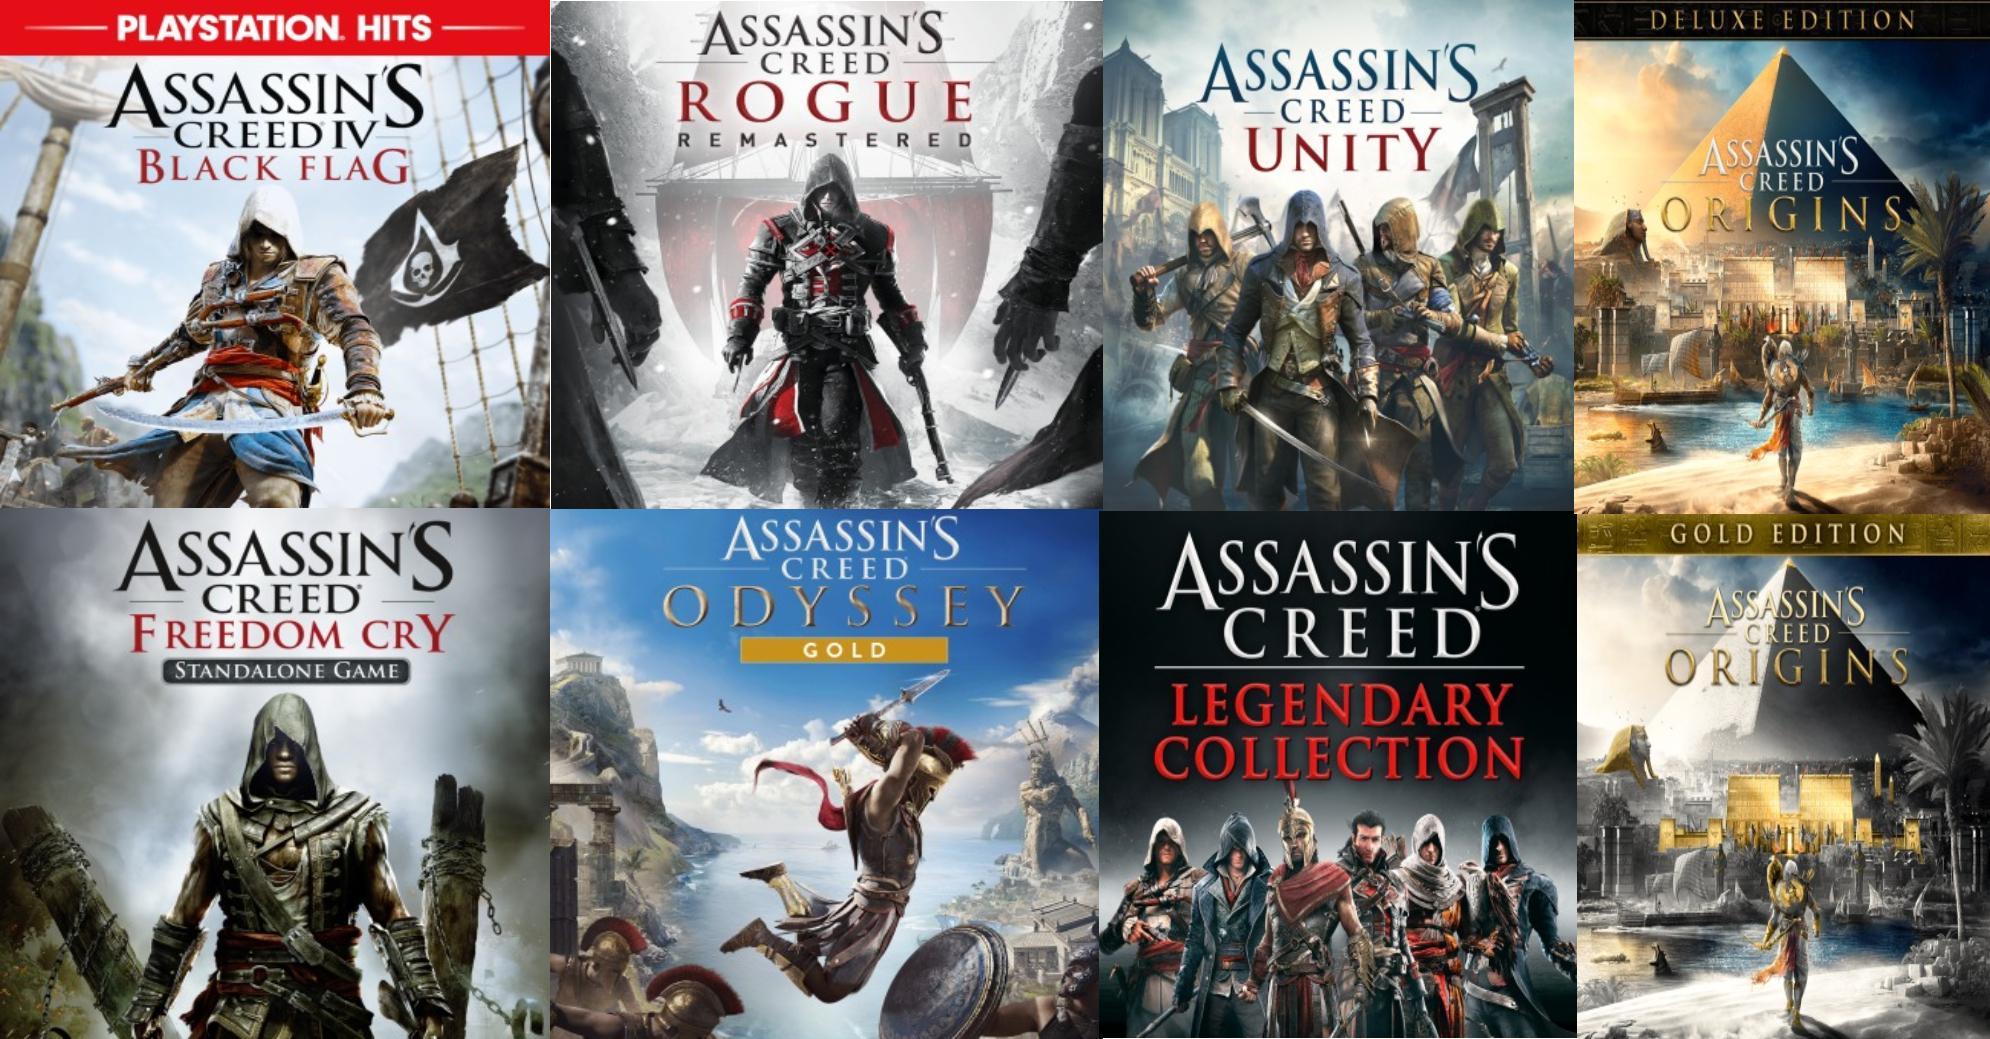 Selección de juegos PS4 Assassin's Creed en promoción. Ej: Odyssey Gold (PlayStation Stores USA y Español)